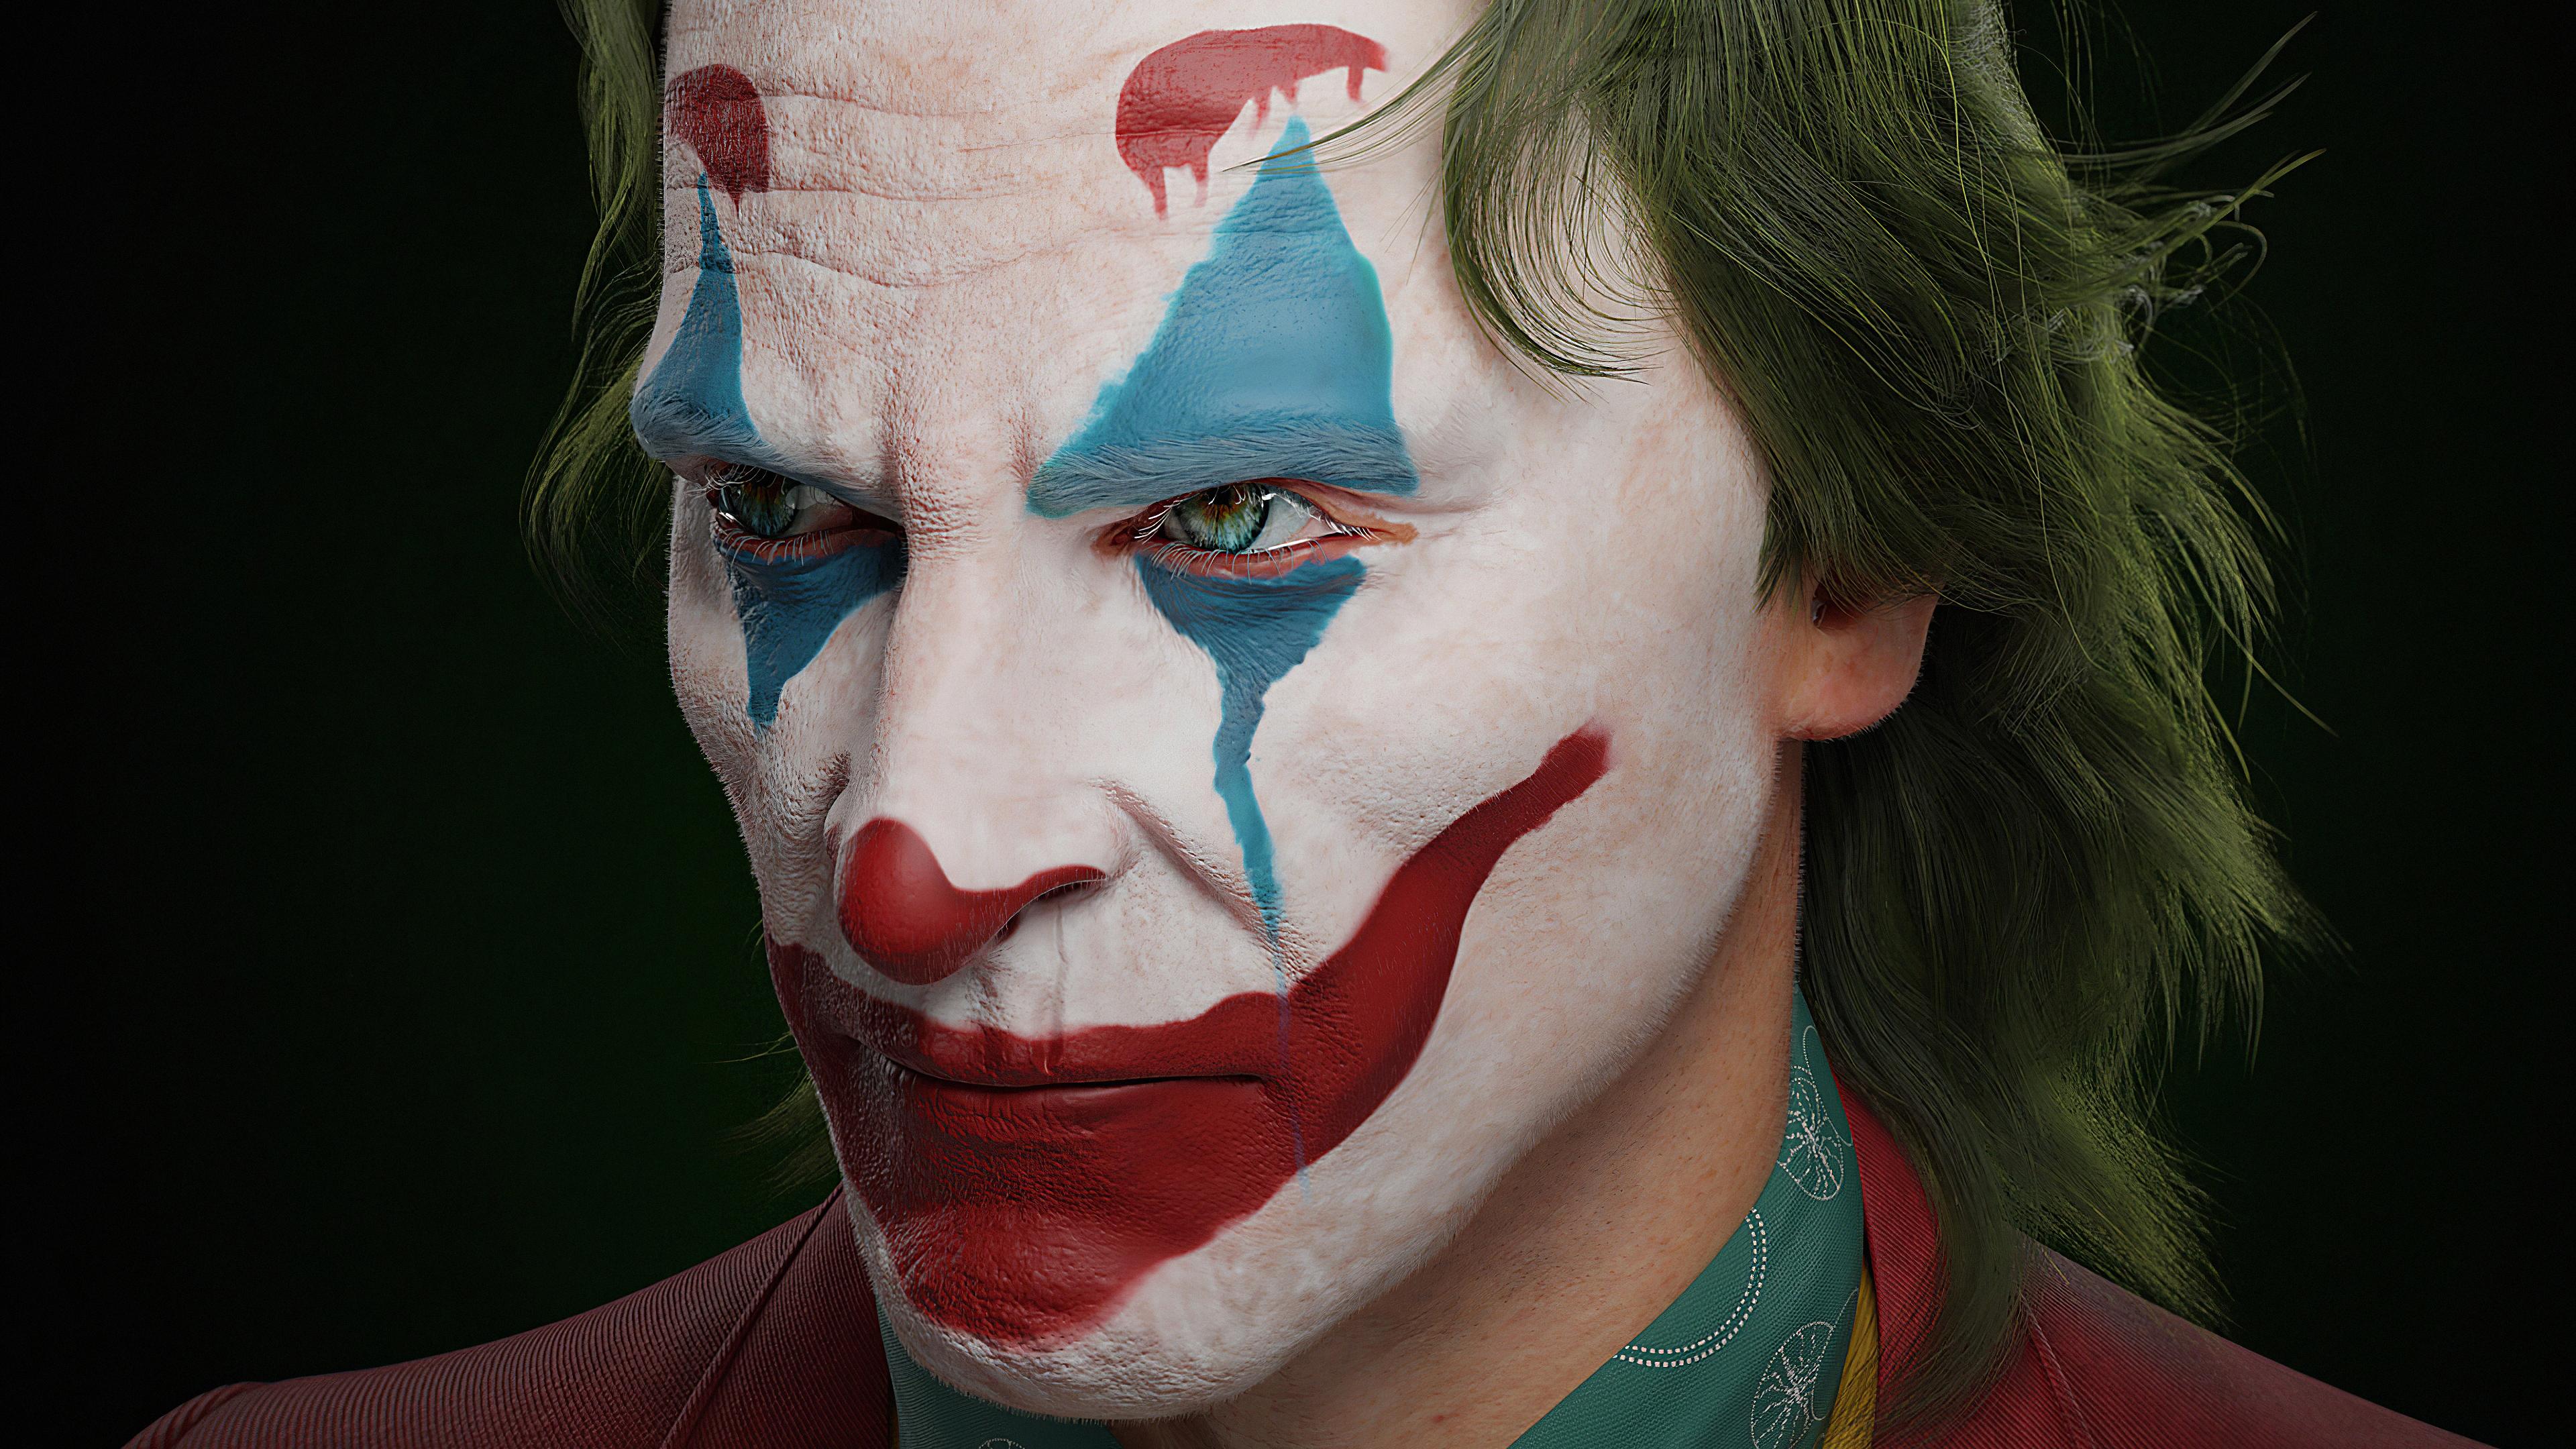 joker closeup digital art 1572368783 - Joker Closeup Digital Art - supervillain wallpapers, superheroes wallpapers, joker wallpapers, joker movie wallpapers, hd-wallpapers, 4k-wallpapers